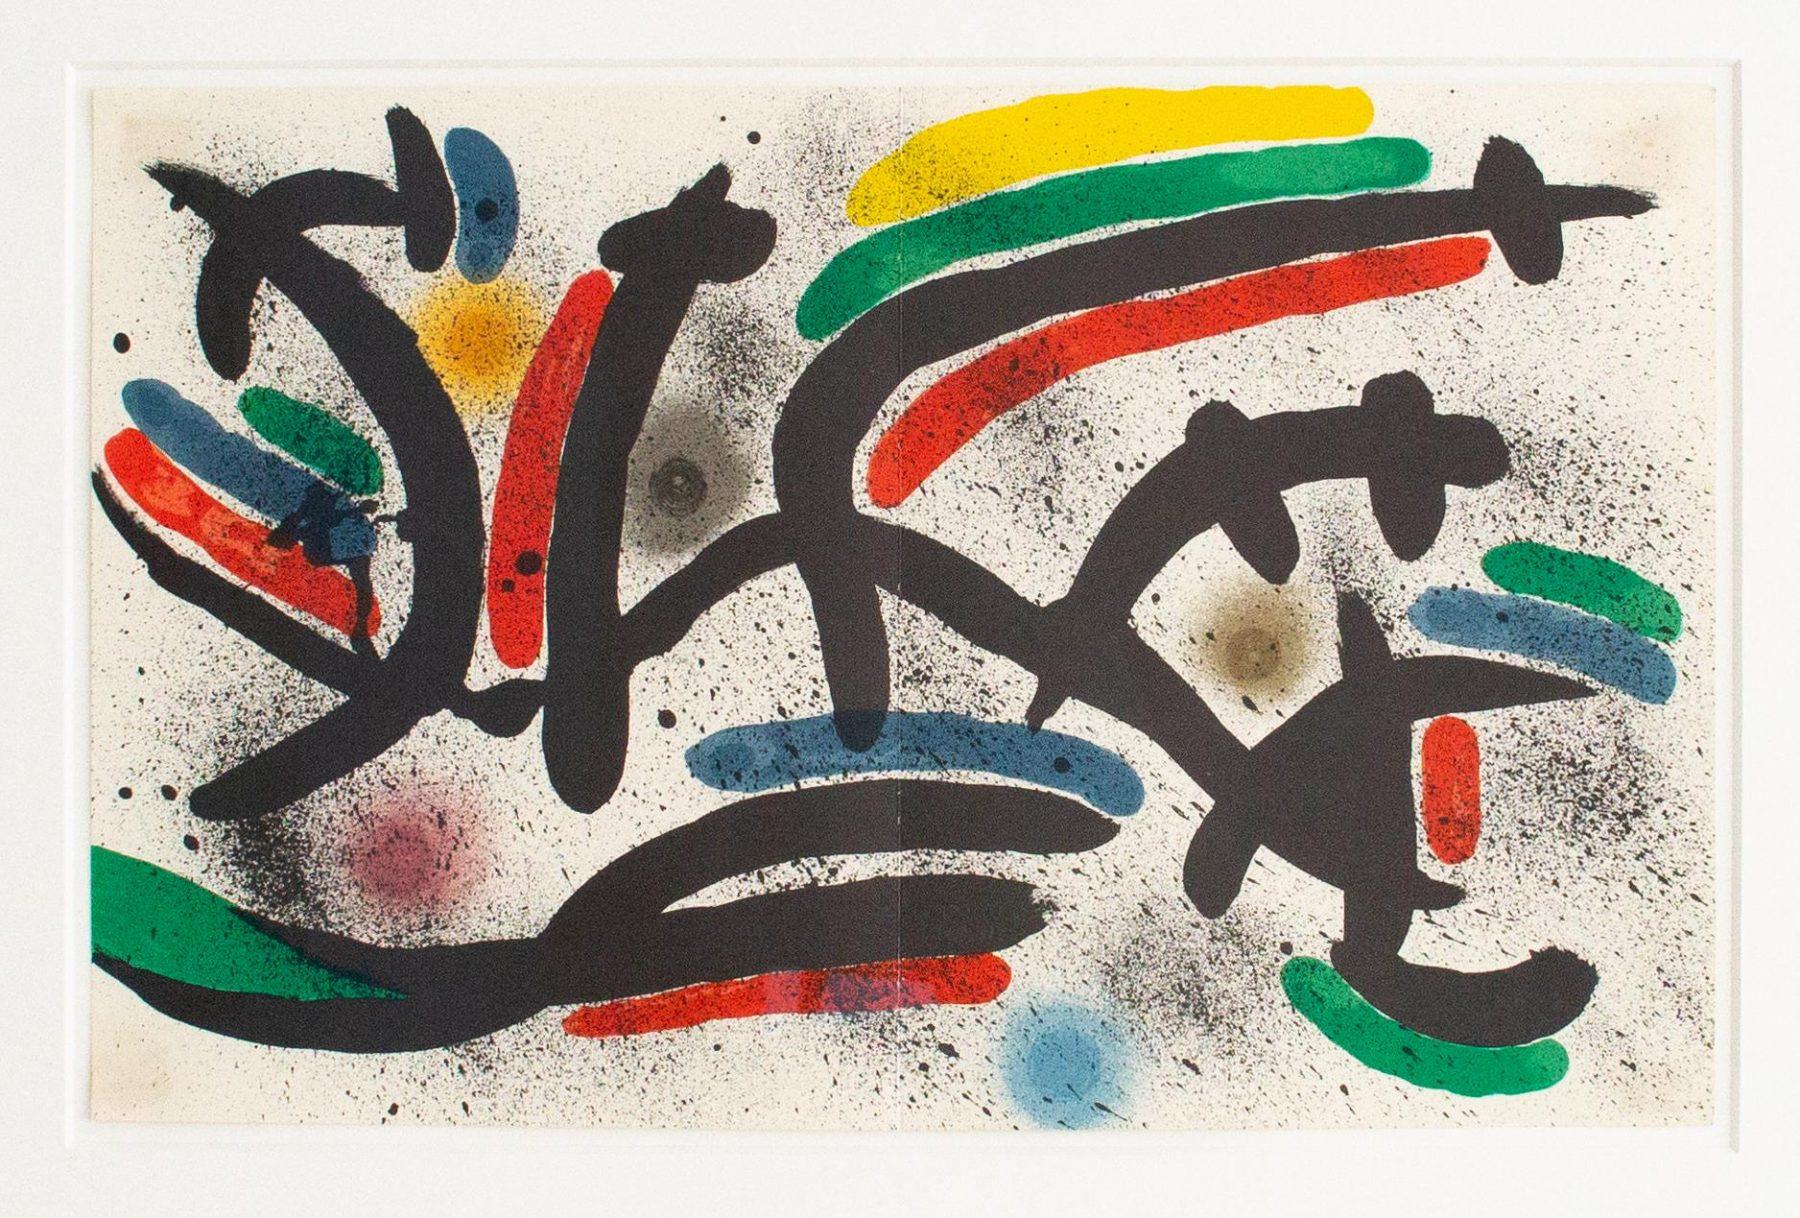 Litografo I - Miro, Joan - k-04372